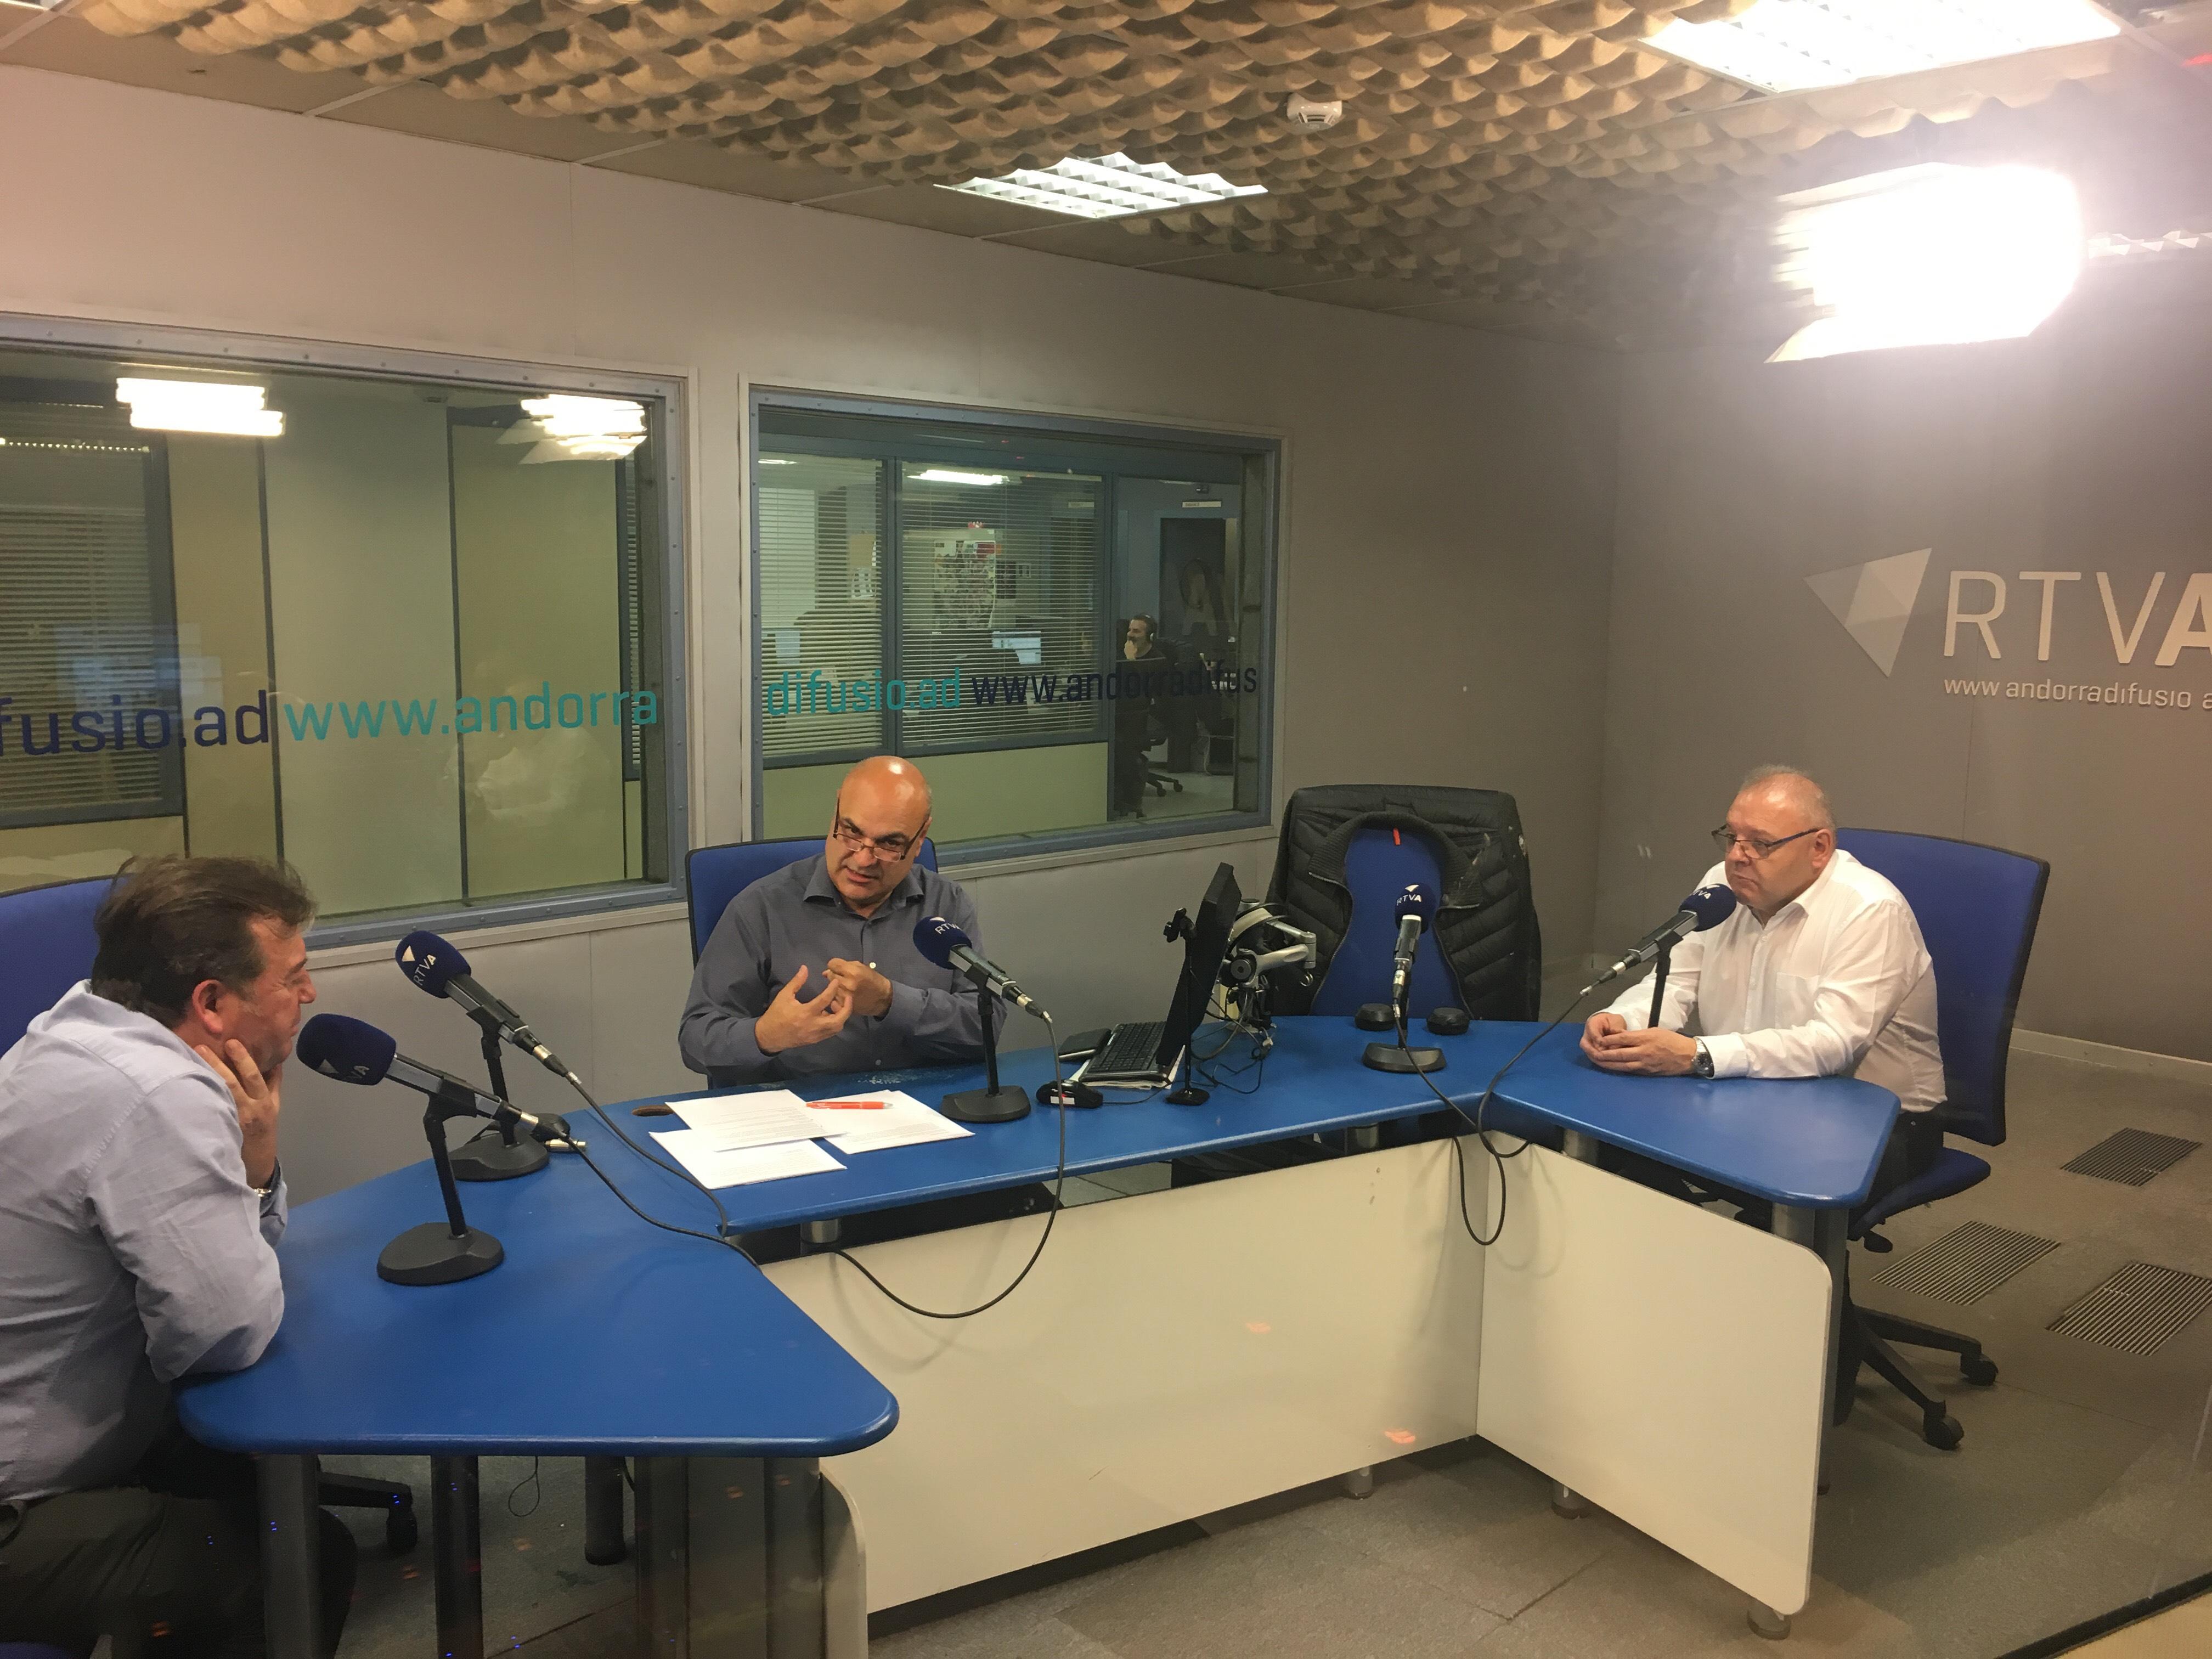 Tertúlia amb Josep Maria Camp i Joan Ramon Sánchez 16 de novembre del 2018